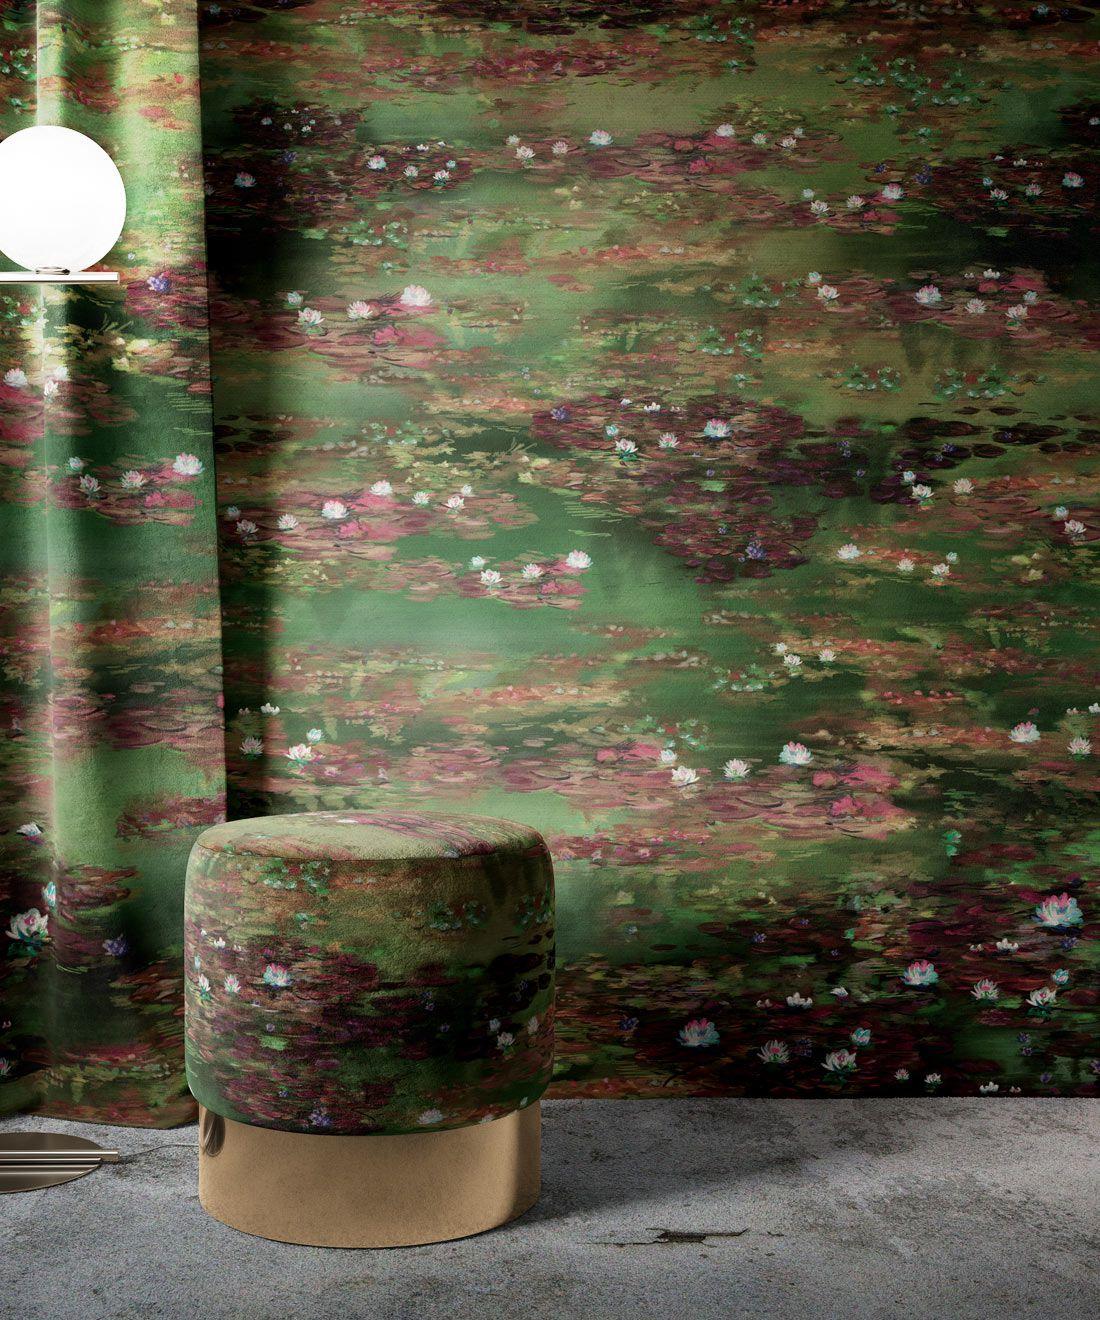 Water Lillies Wallpaper •Abstract Wallpaper • Dreamy Wallpaper • Green Fairy Wallpaper •Insitu